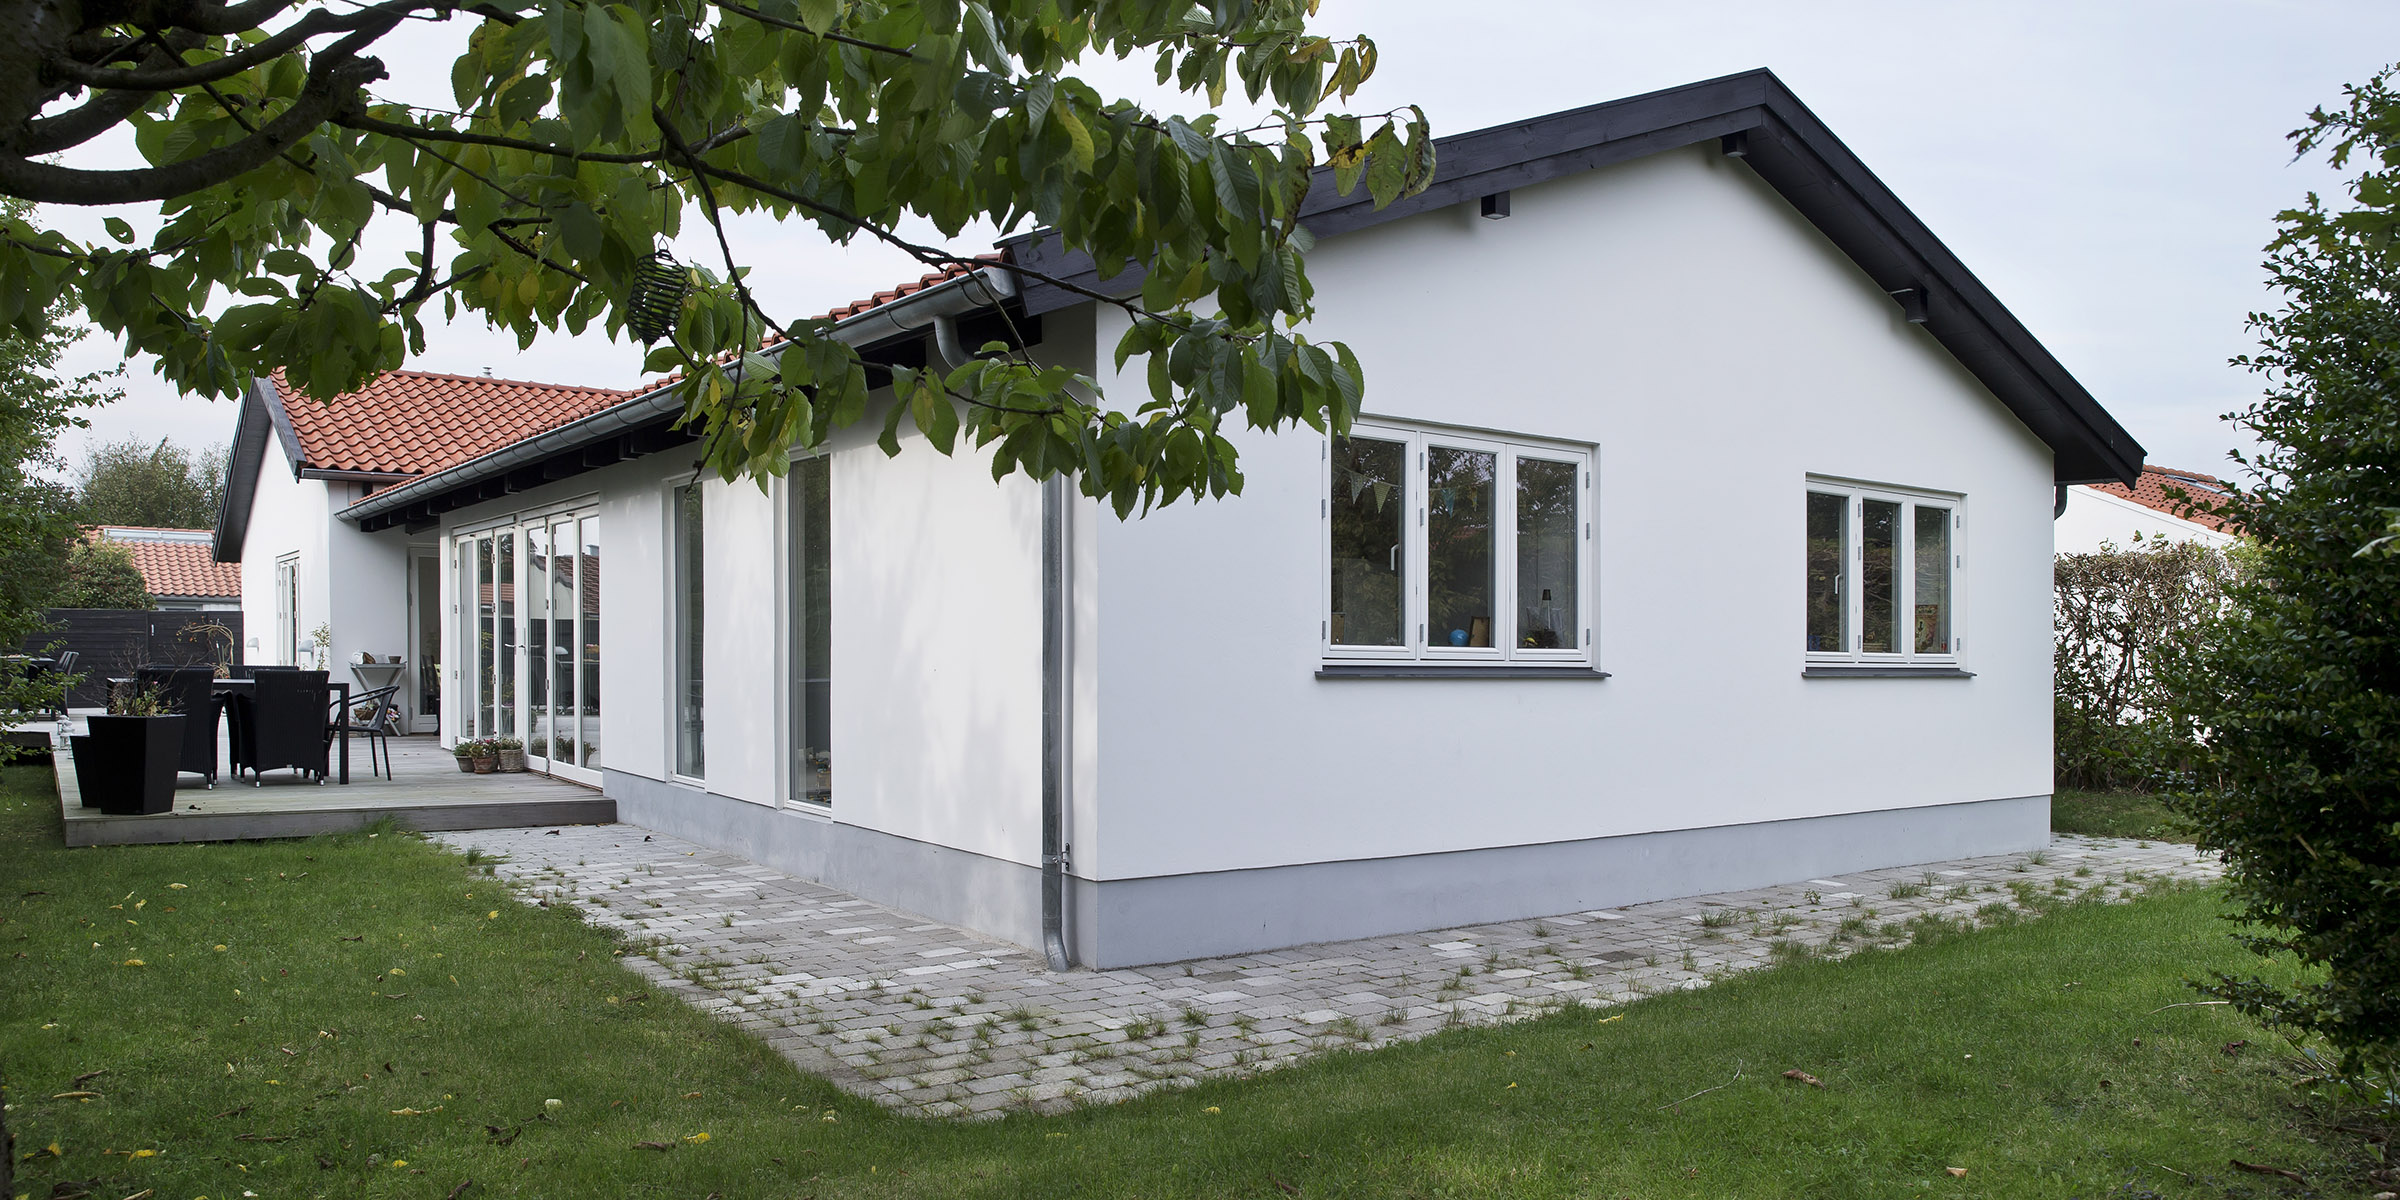 Nyt hus med gammel sjæl - Danske Boligarkitekter